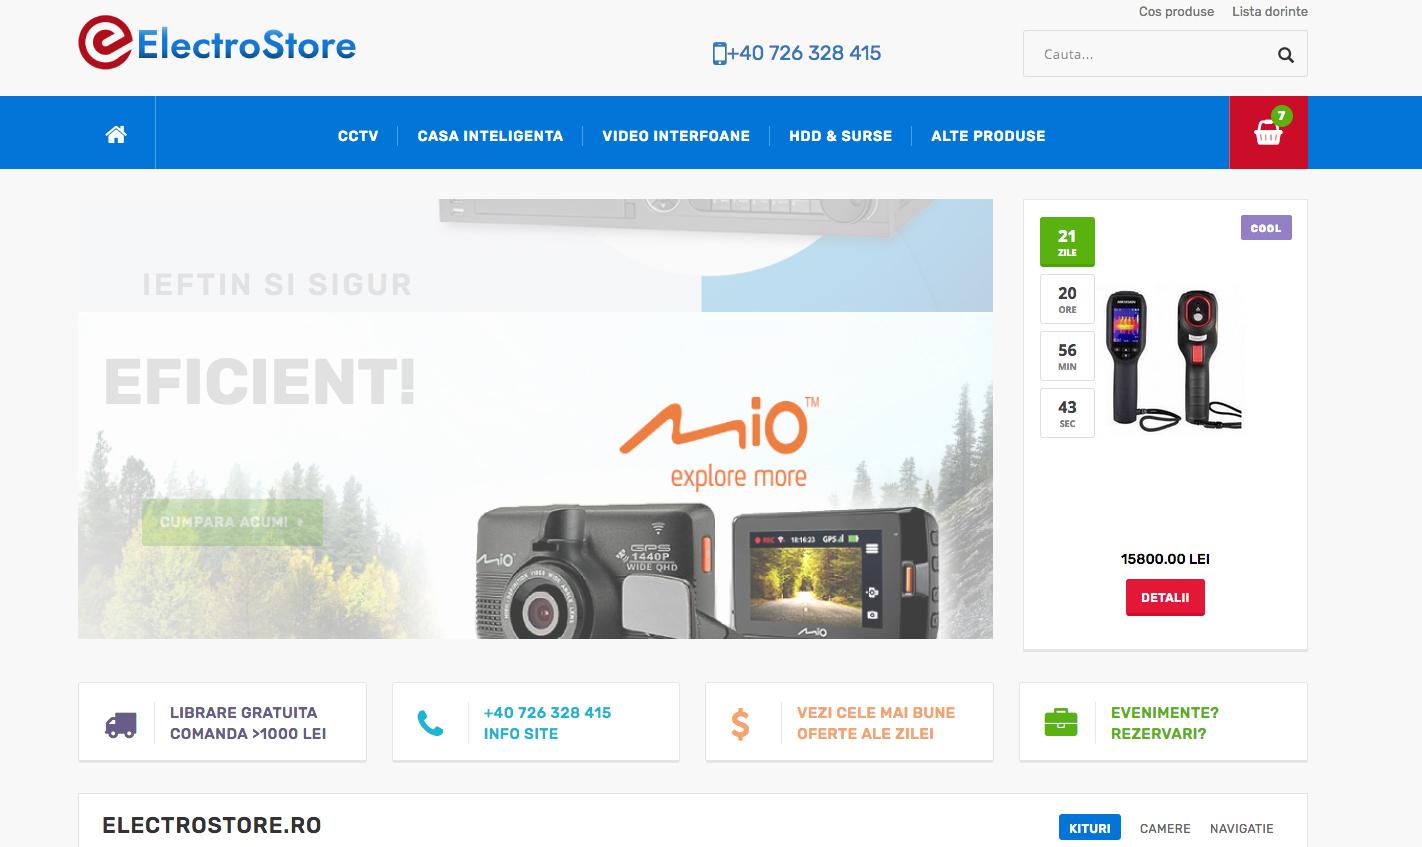 Electrostore.ro - Un nou site de produse electronice, electrice si electrocasnice